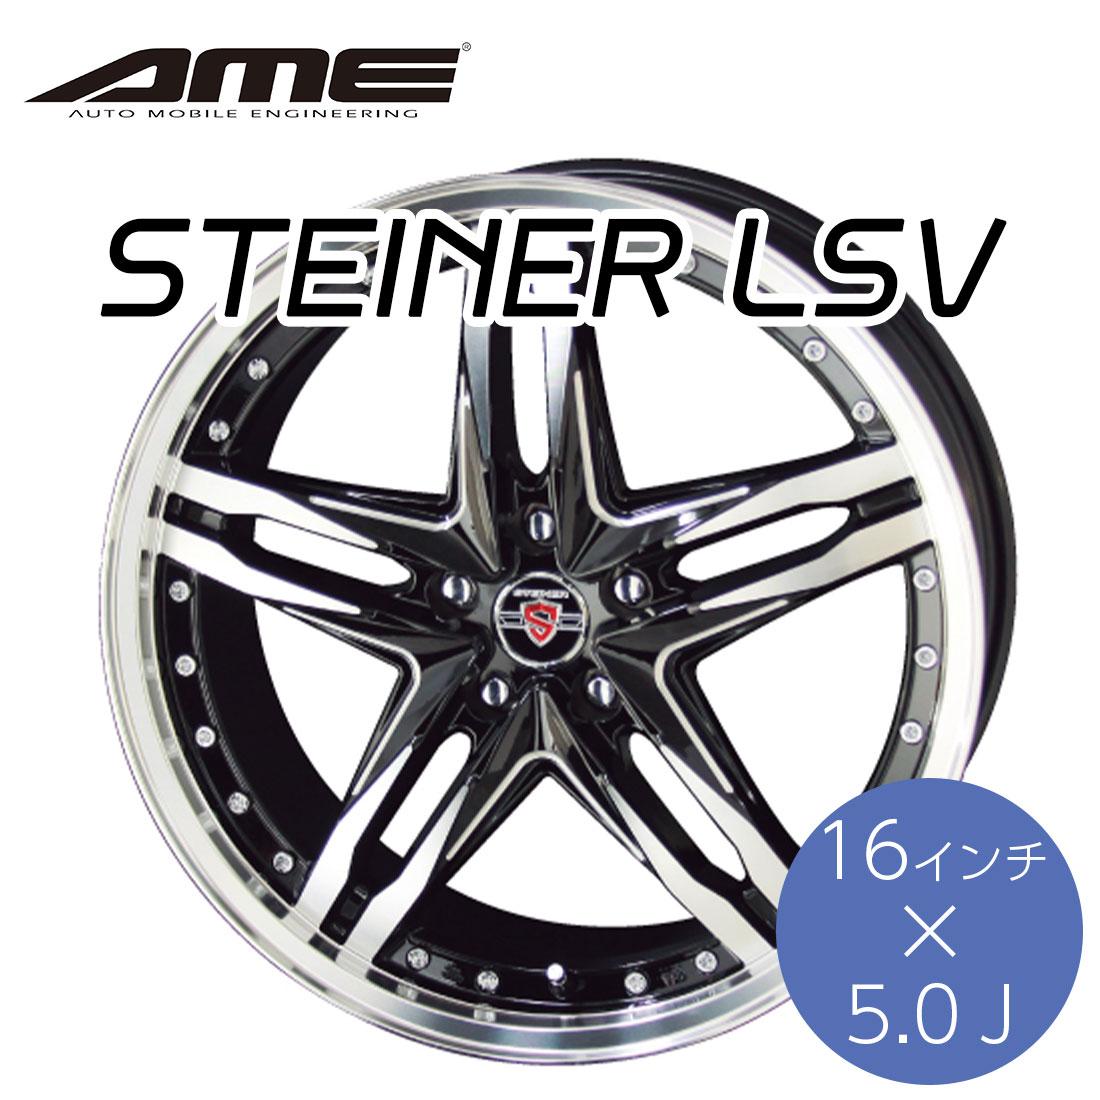 KYOHO ホイール シュタイナーLSV 16×5.0J インチ 4H PCD 100 STEINER LSV by AME 共豊 ブラック×ポリッシュ かっこいい 車